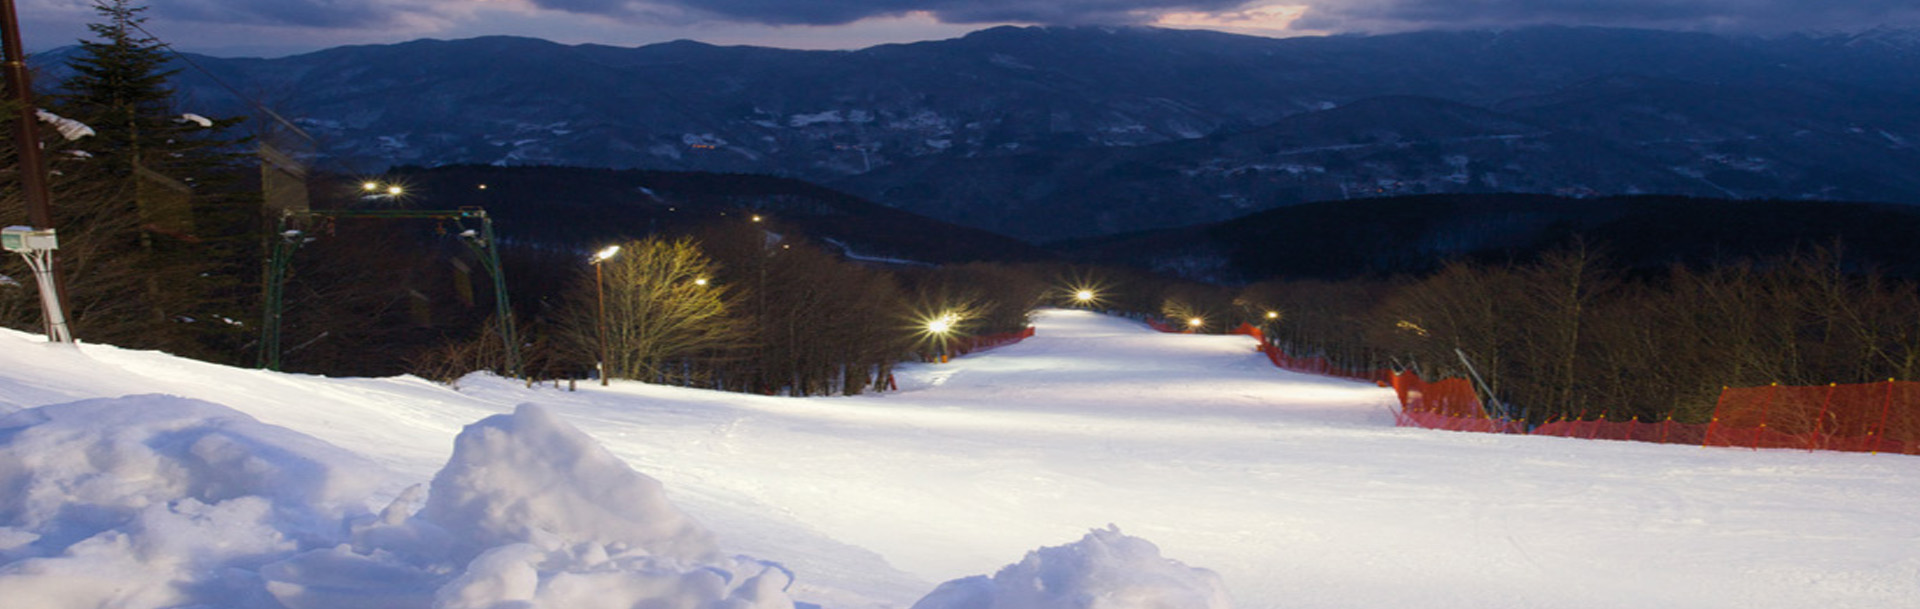 Foto Di Natale Neve Inverno 94.Le Vacanze Di Natale A Cutigliano E Dintorni Tutti Gli Appuntamenti